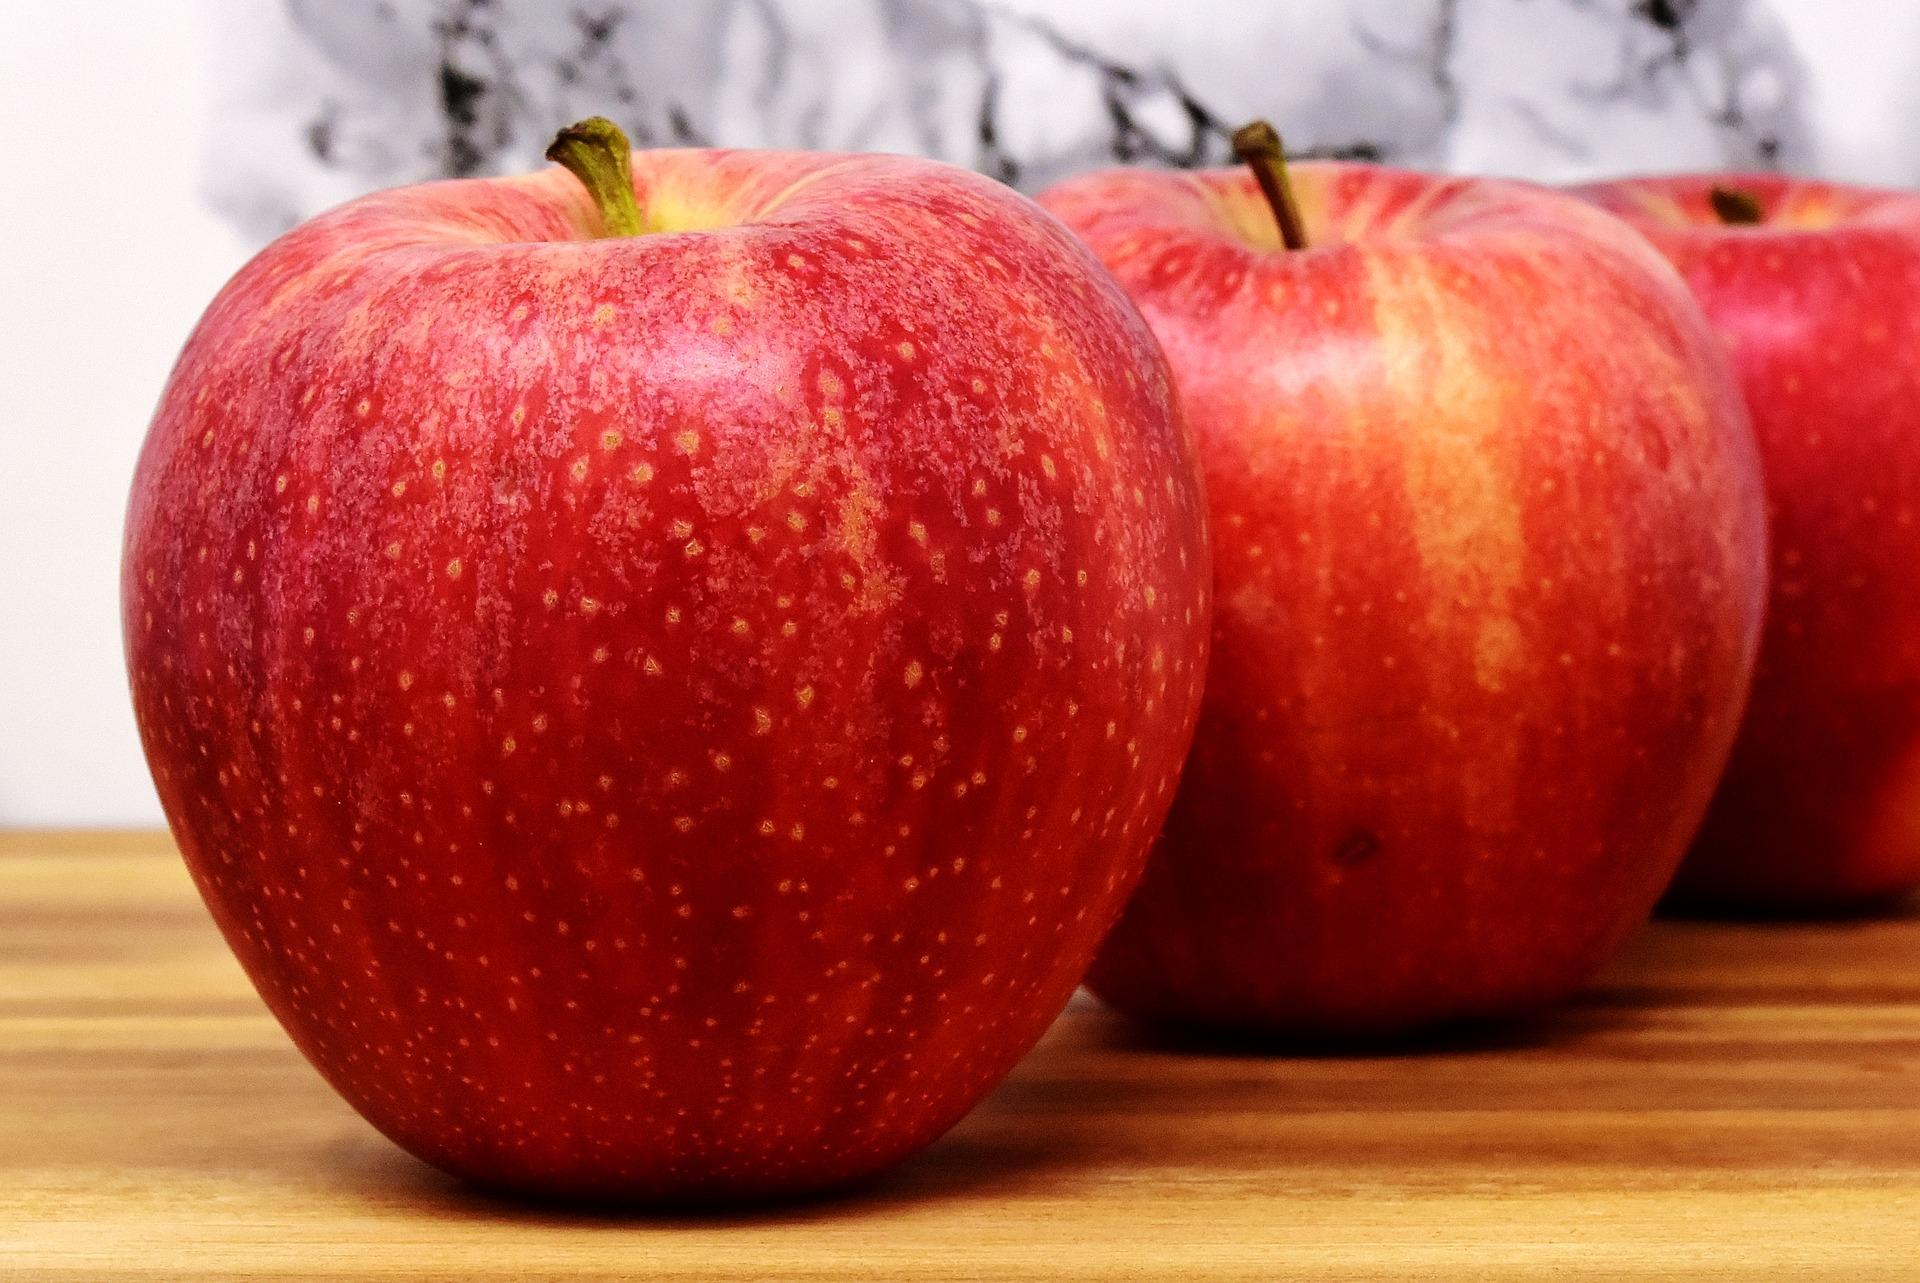 cachorro pode comer maçã 1